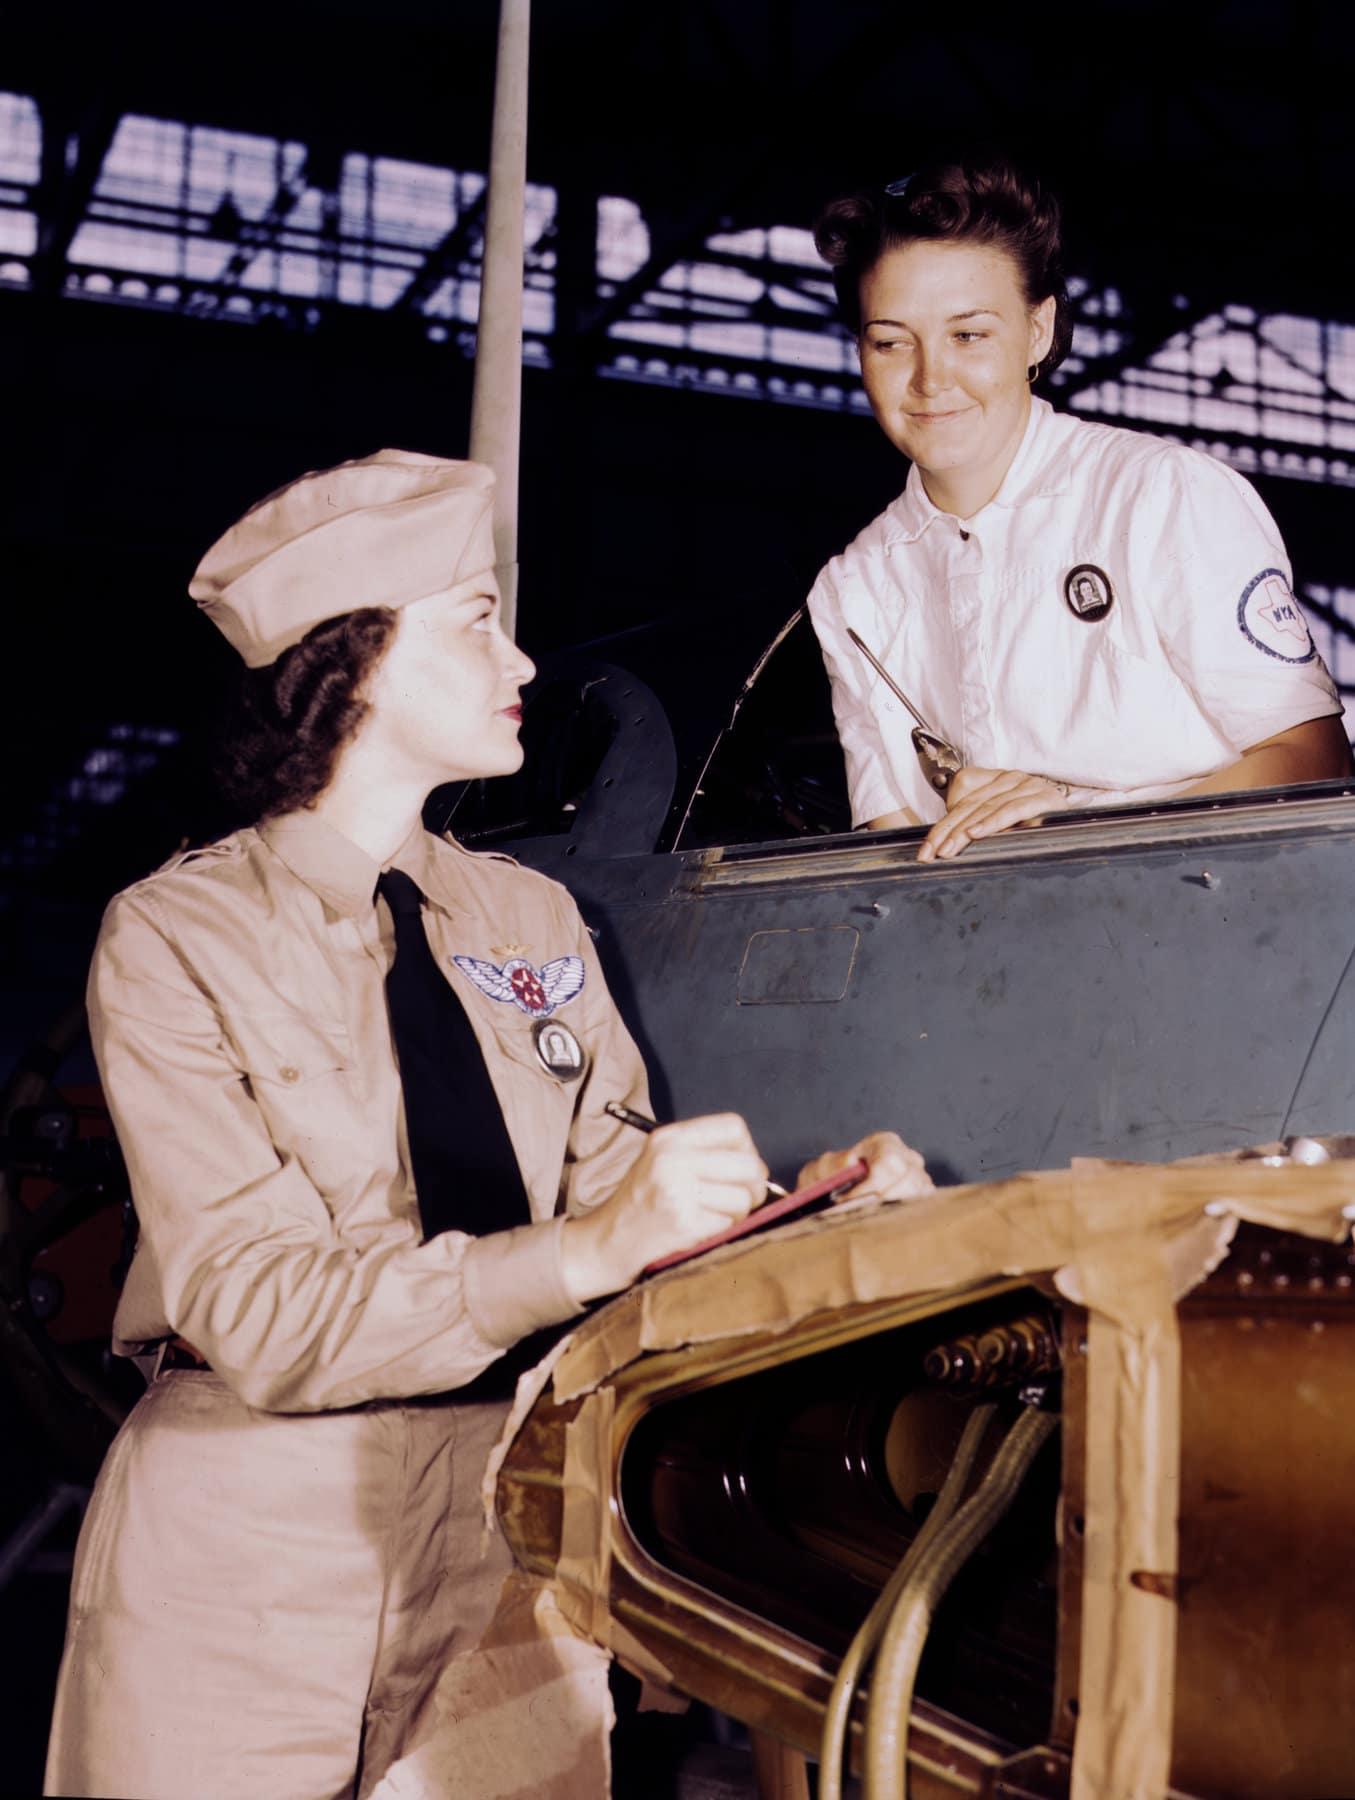 Women workers in Texas